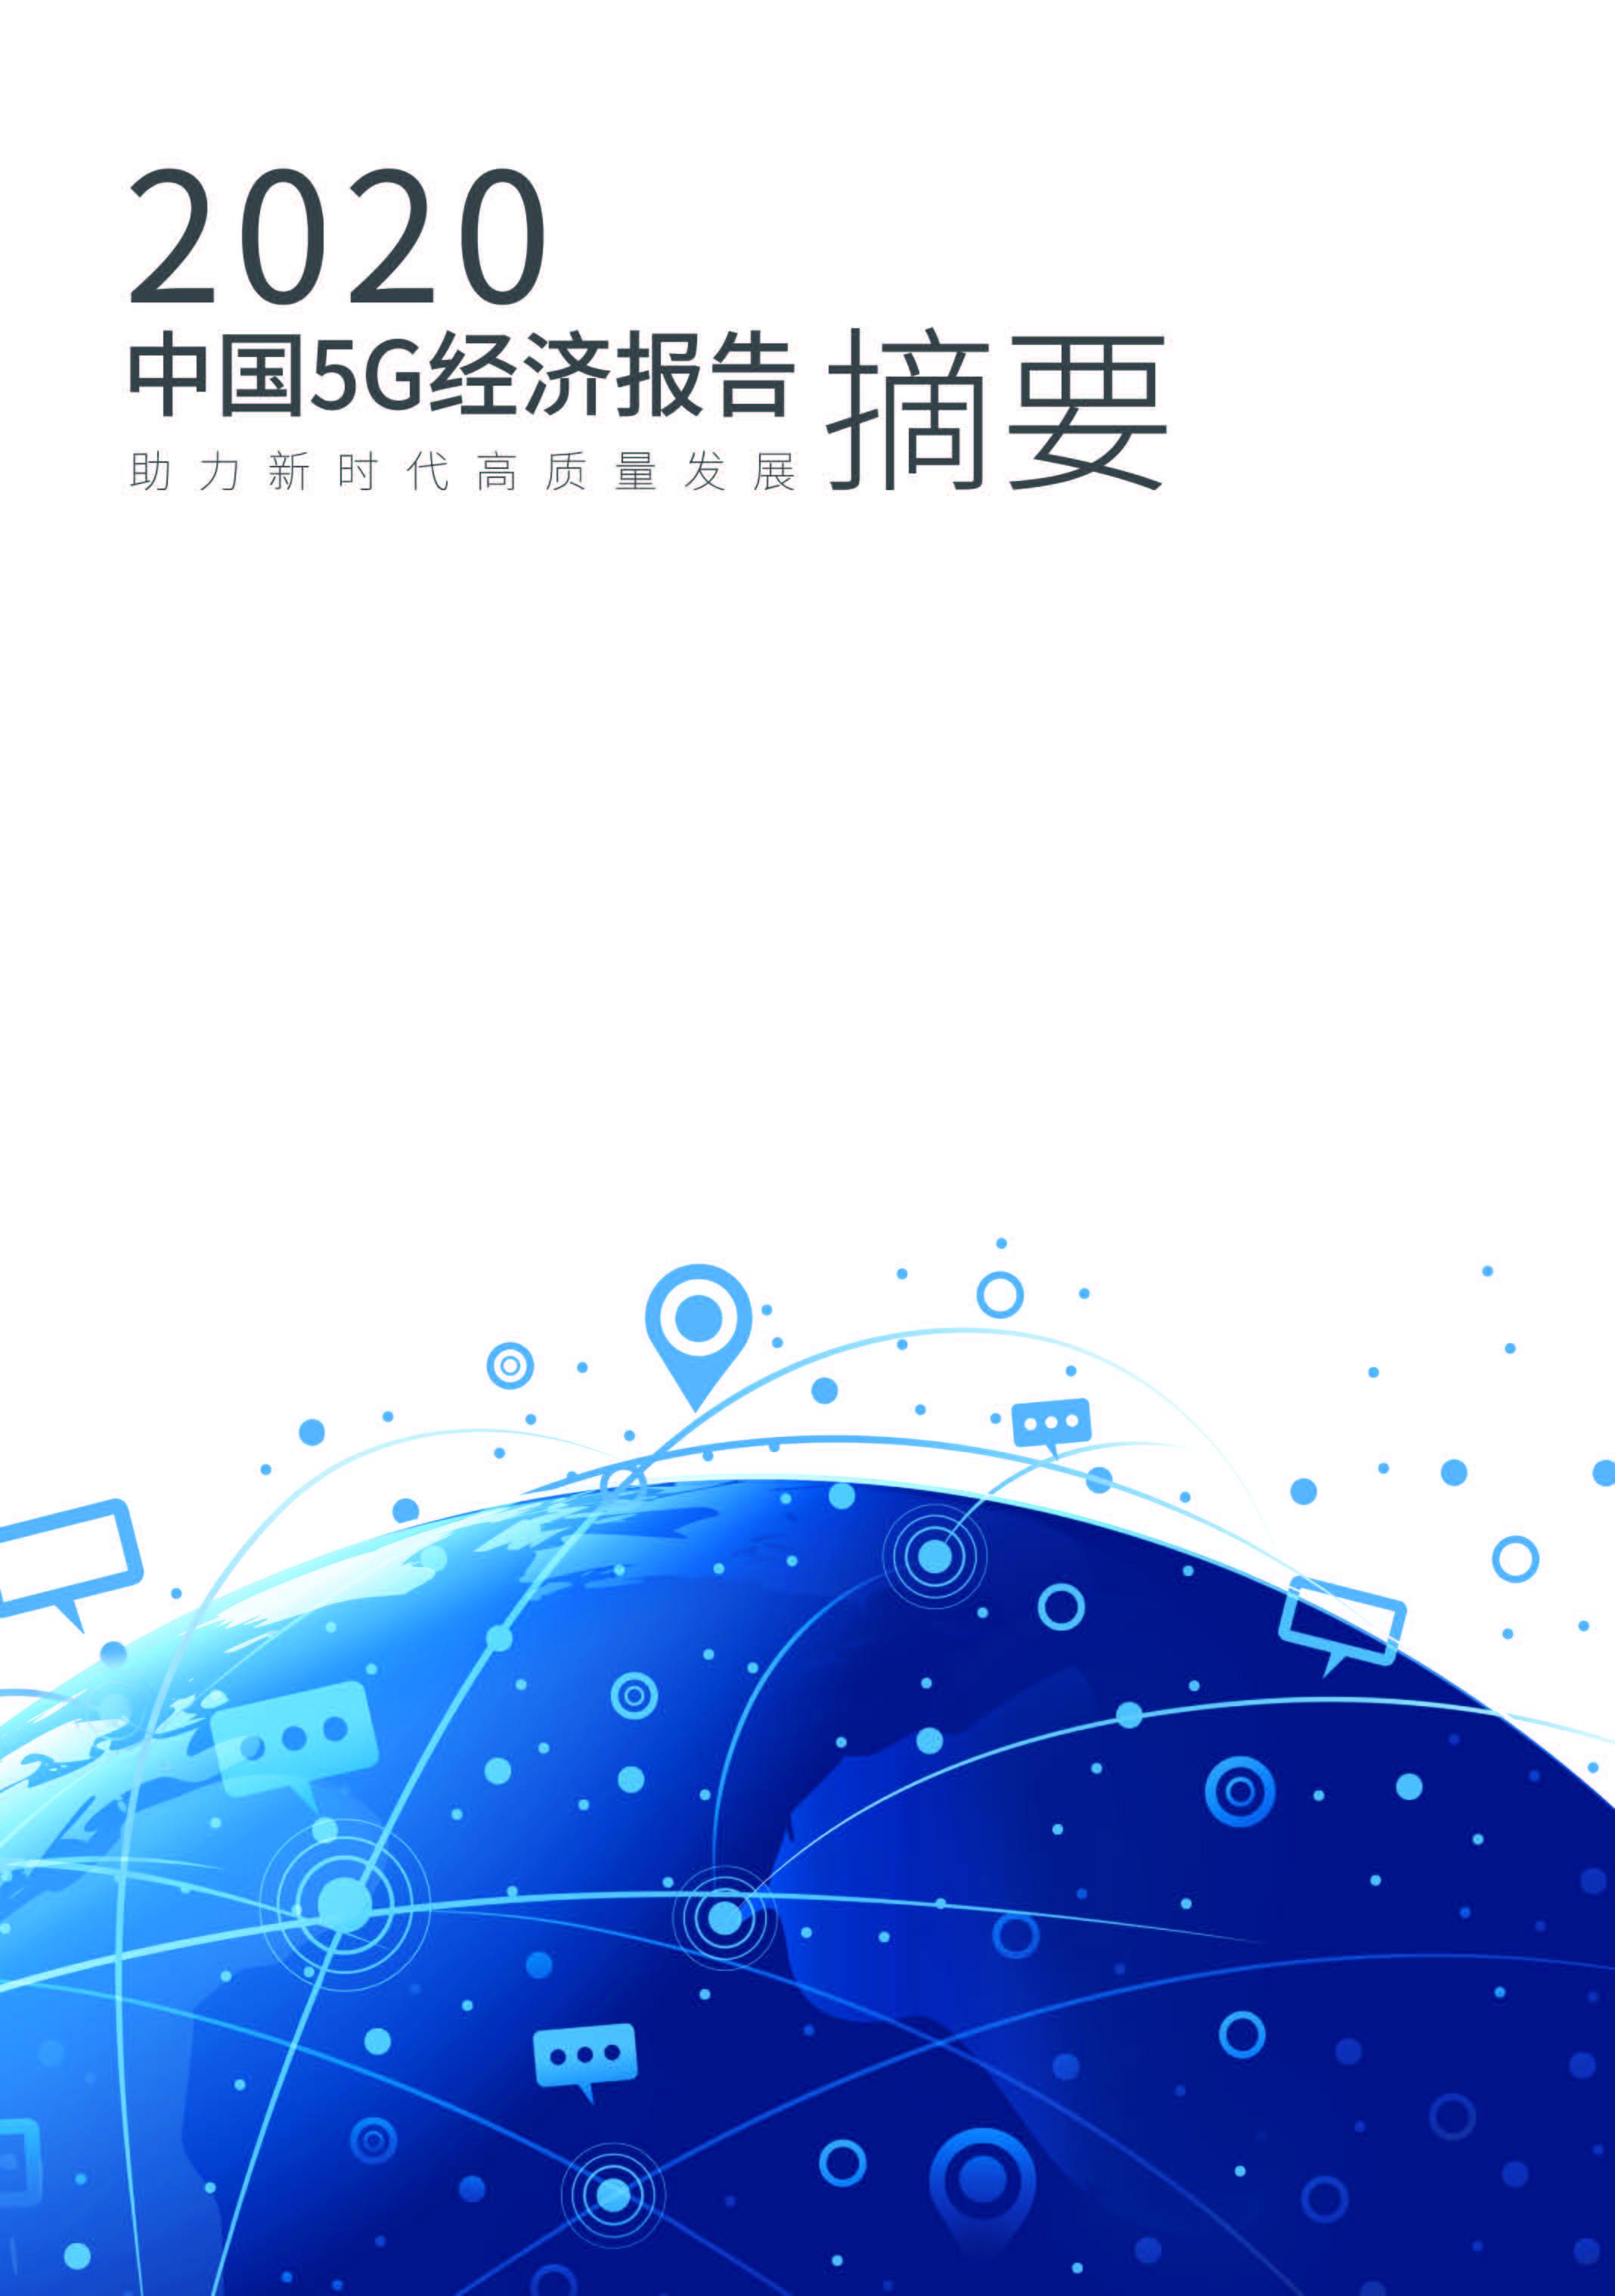 助力新时代高质量发展《中国5G 经济报告2020》摘要